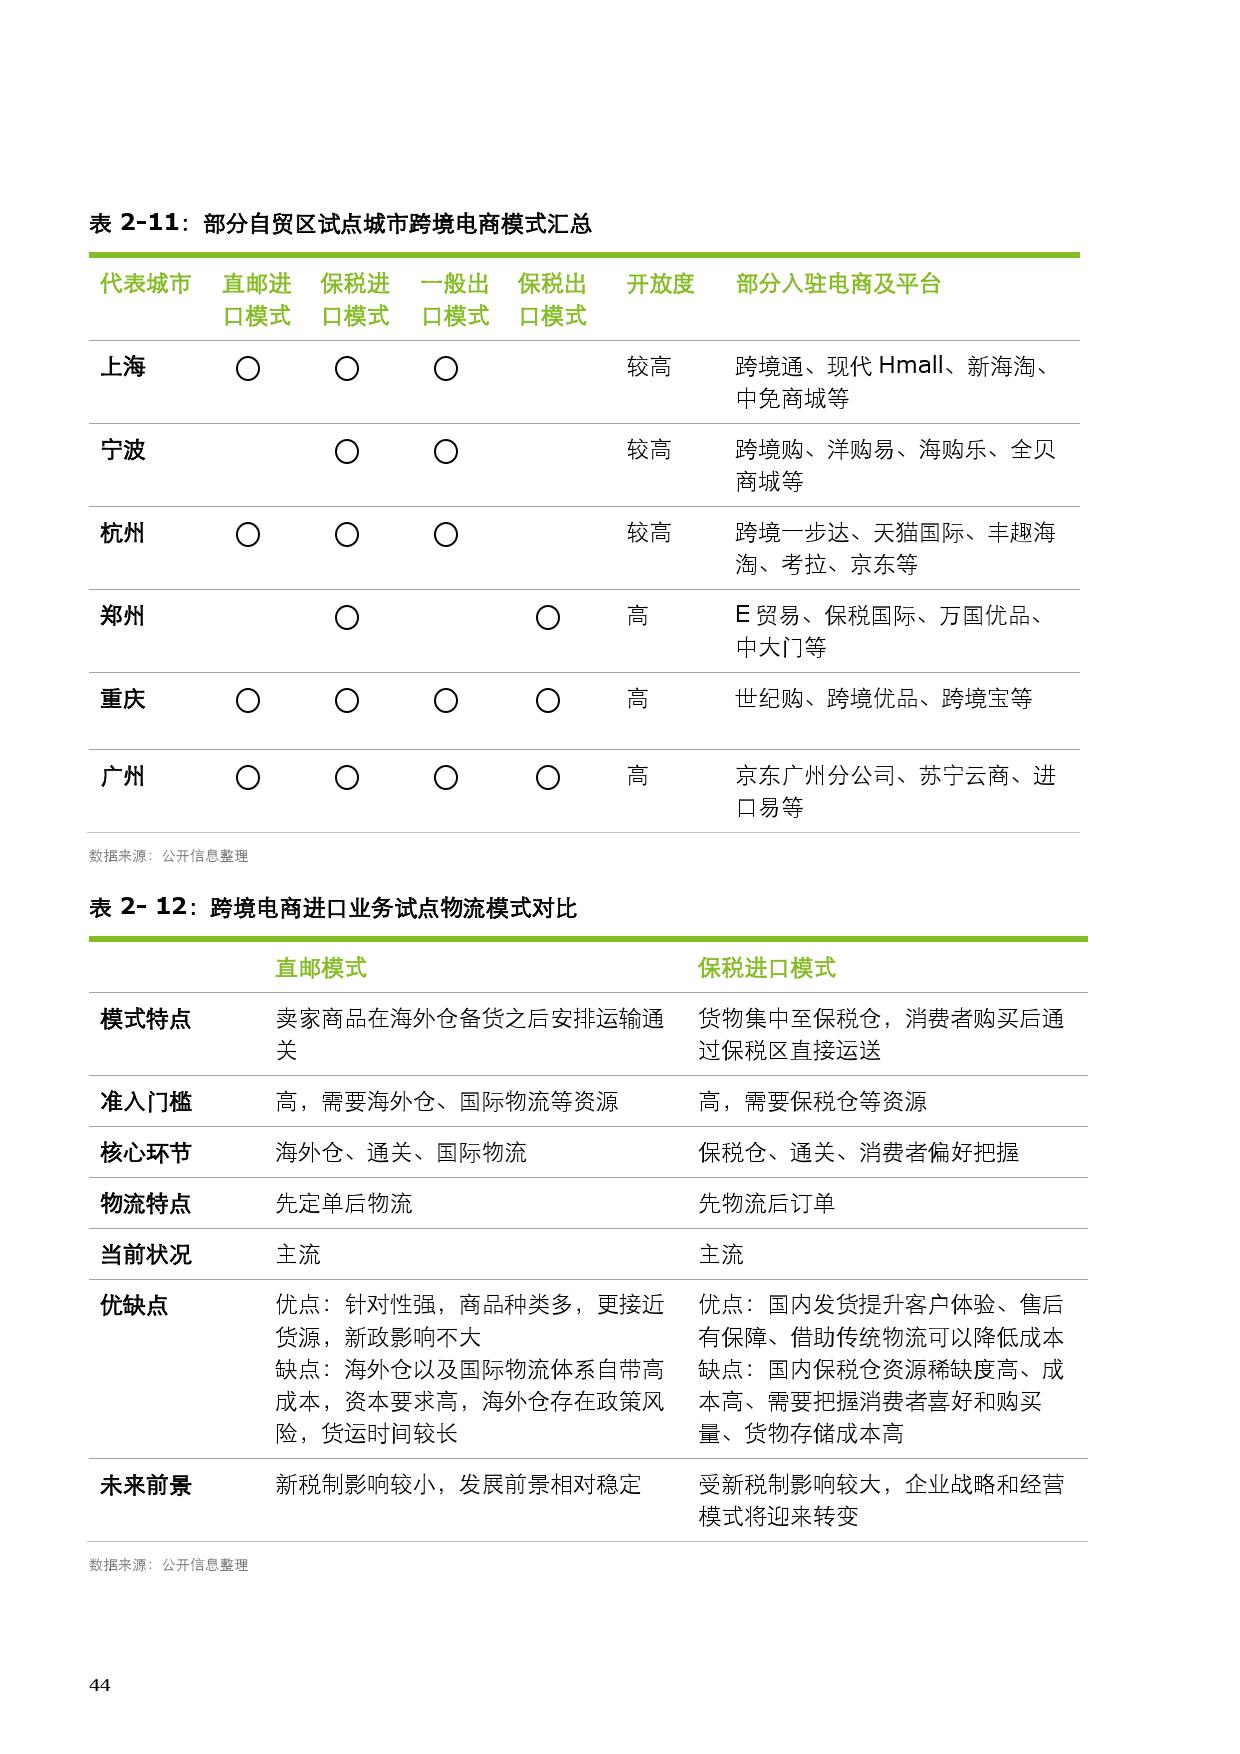 2015中国零售产业投资促进报告_000052